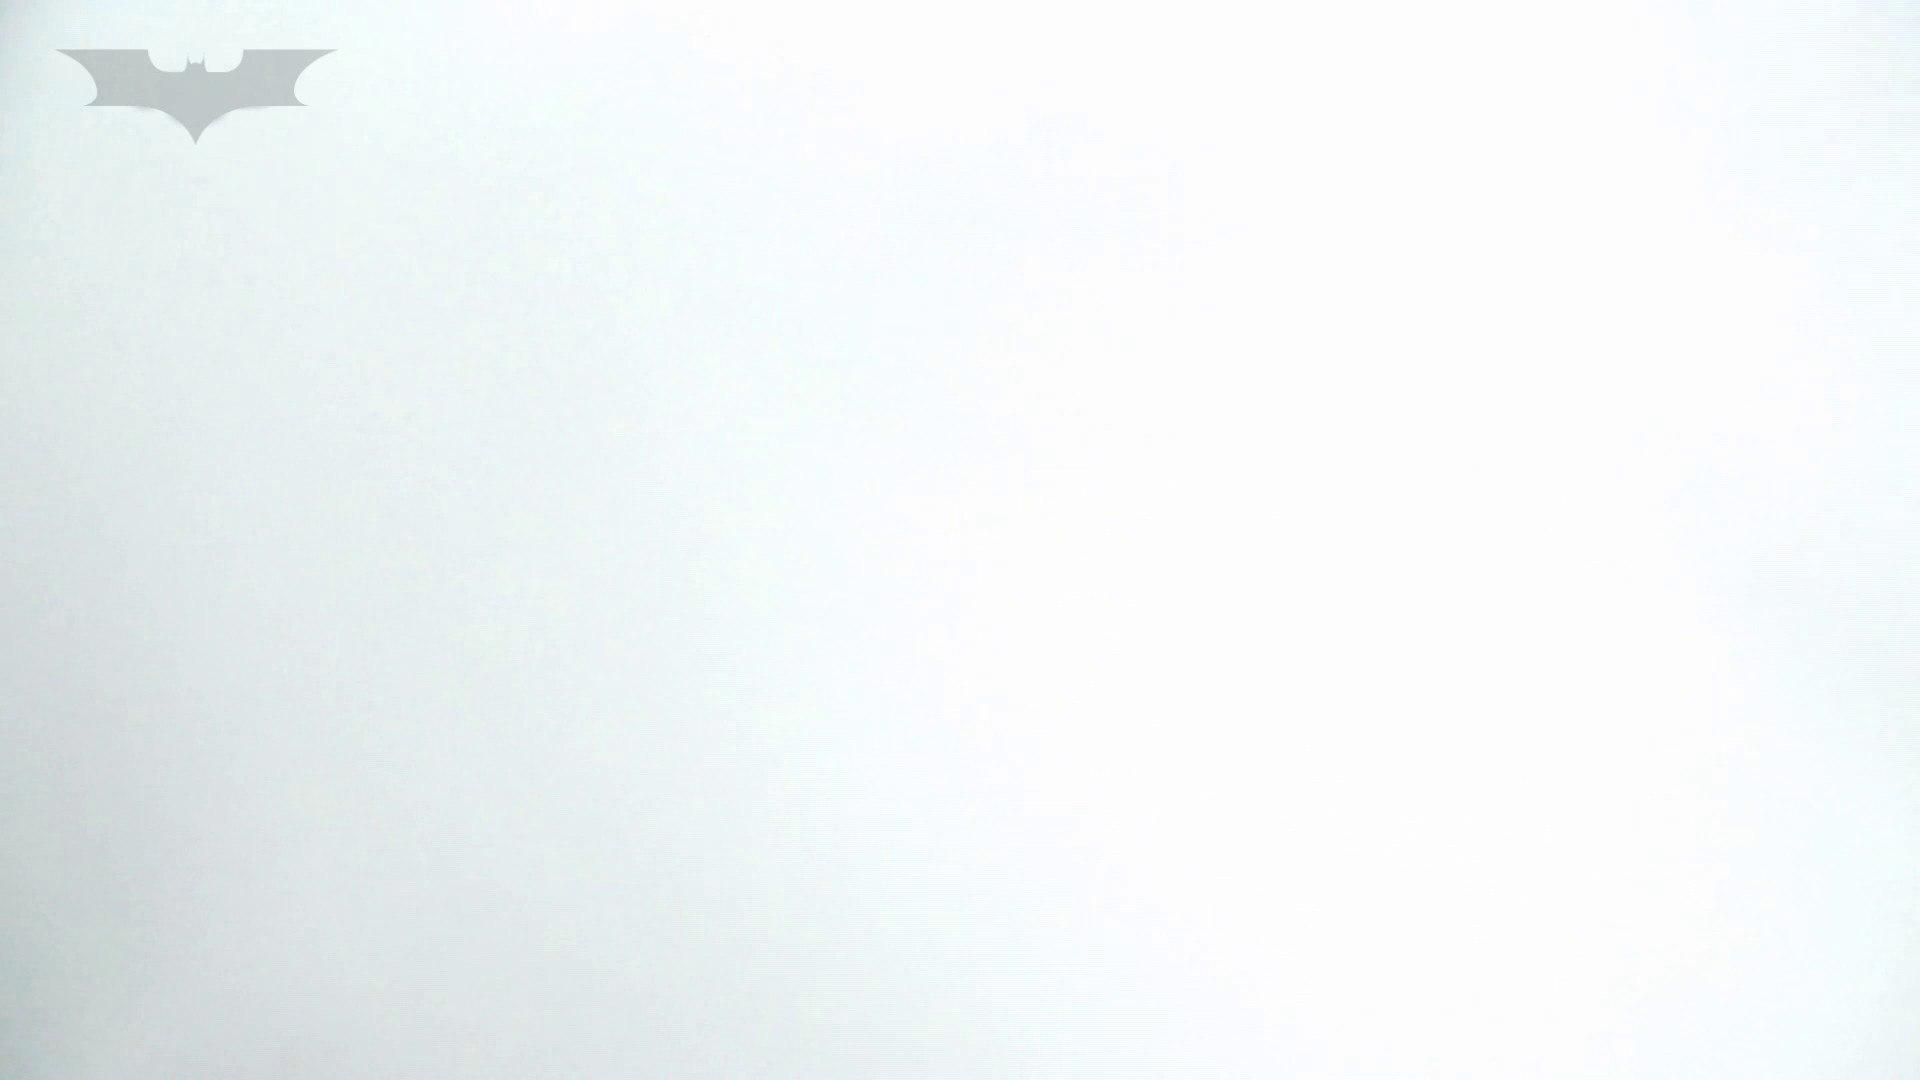 下からノゾム vol.027 毛穴まで見えるようになった 高画質 おめこ無修正動画無料 97画像 41